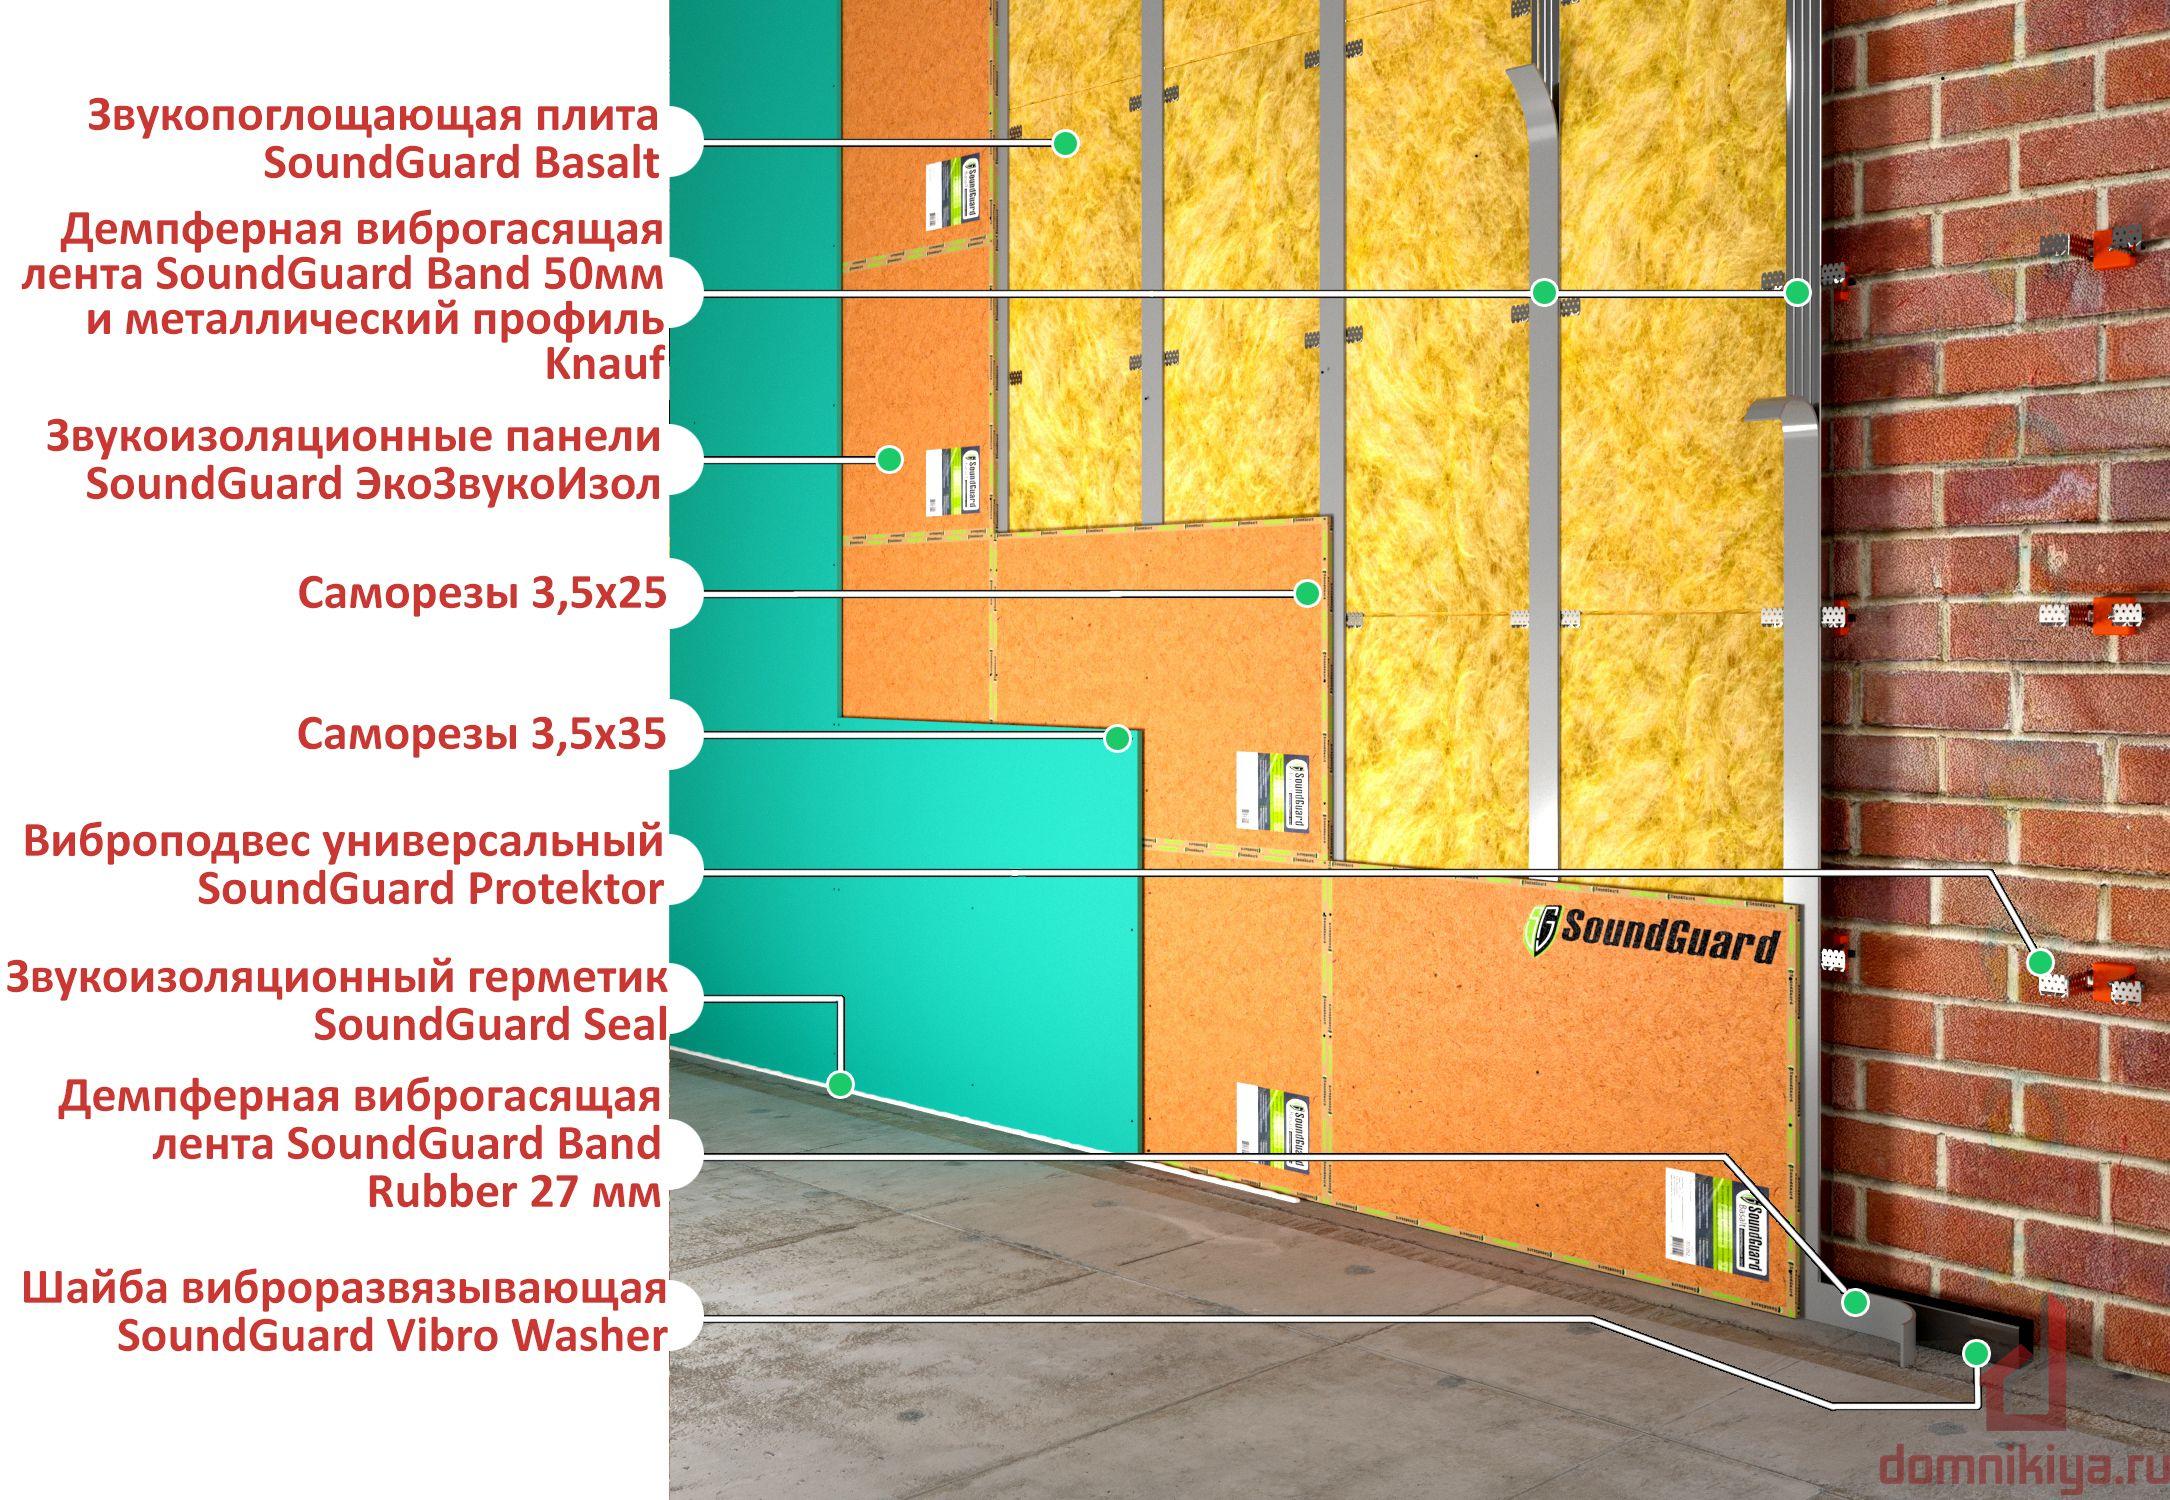 Шумоизоляция в квартире: выбор современного материала и практичных конструкций (115 фото)